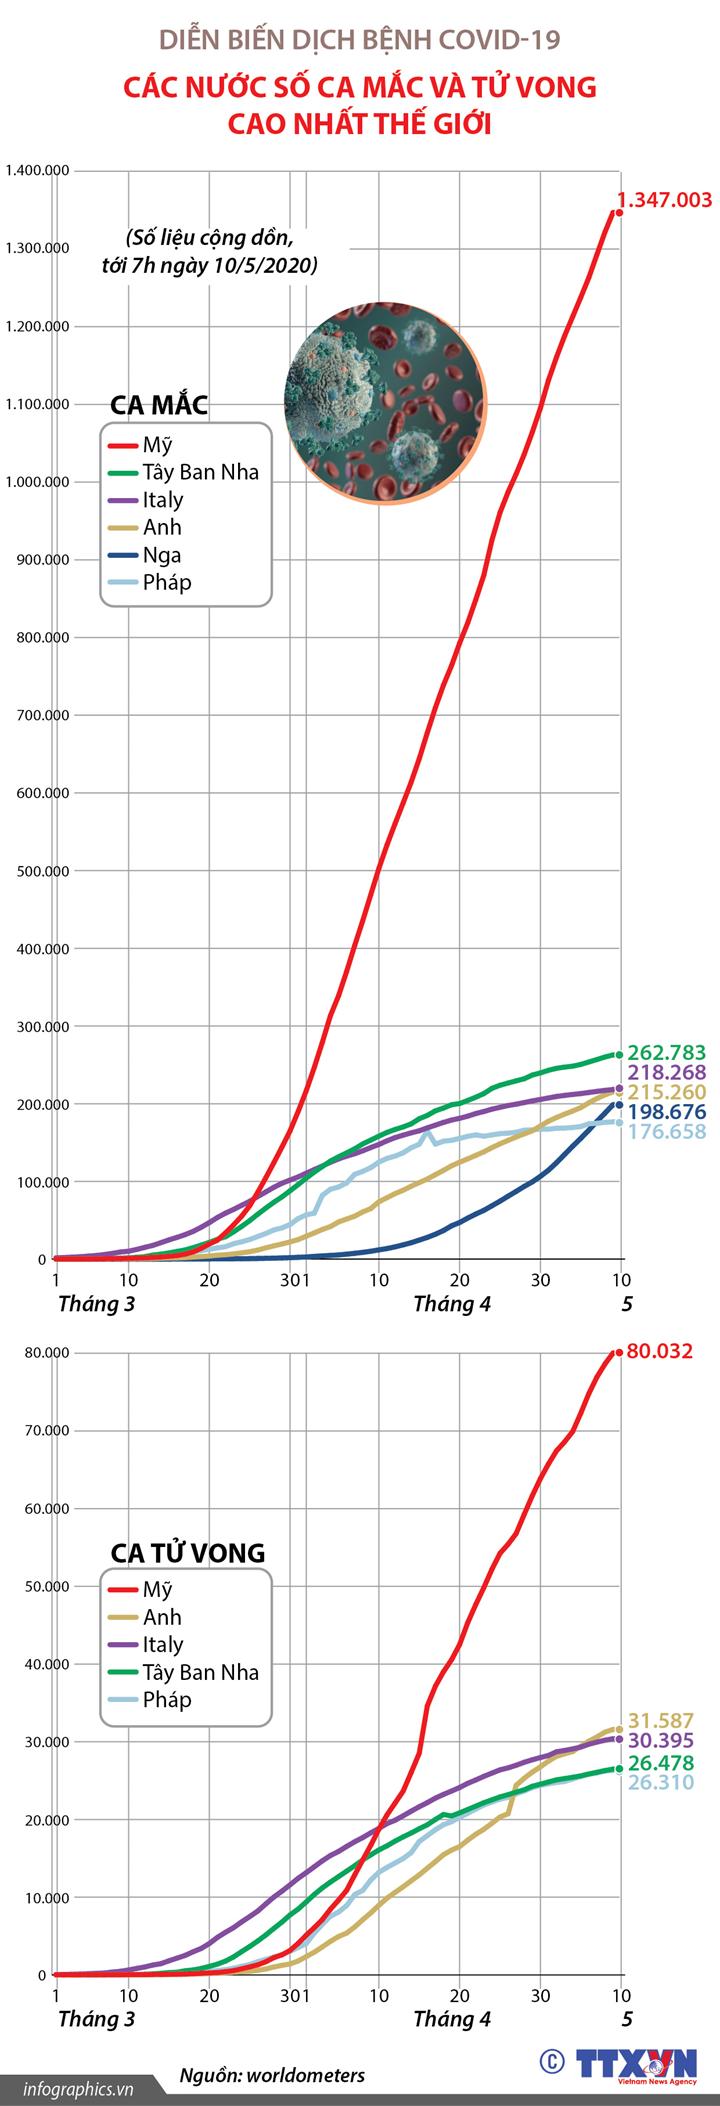 Dịch bệnh COVID-19: Các nước số ca mắc và tử vong cao nhất thế giới